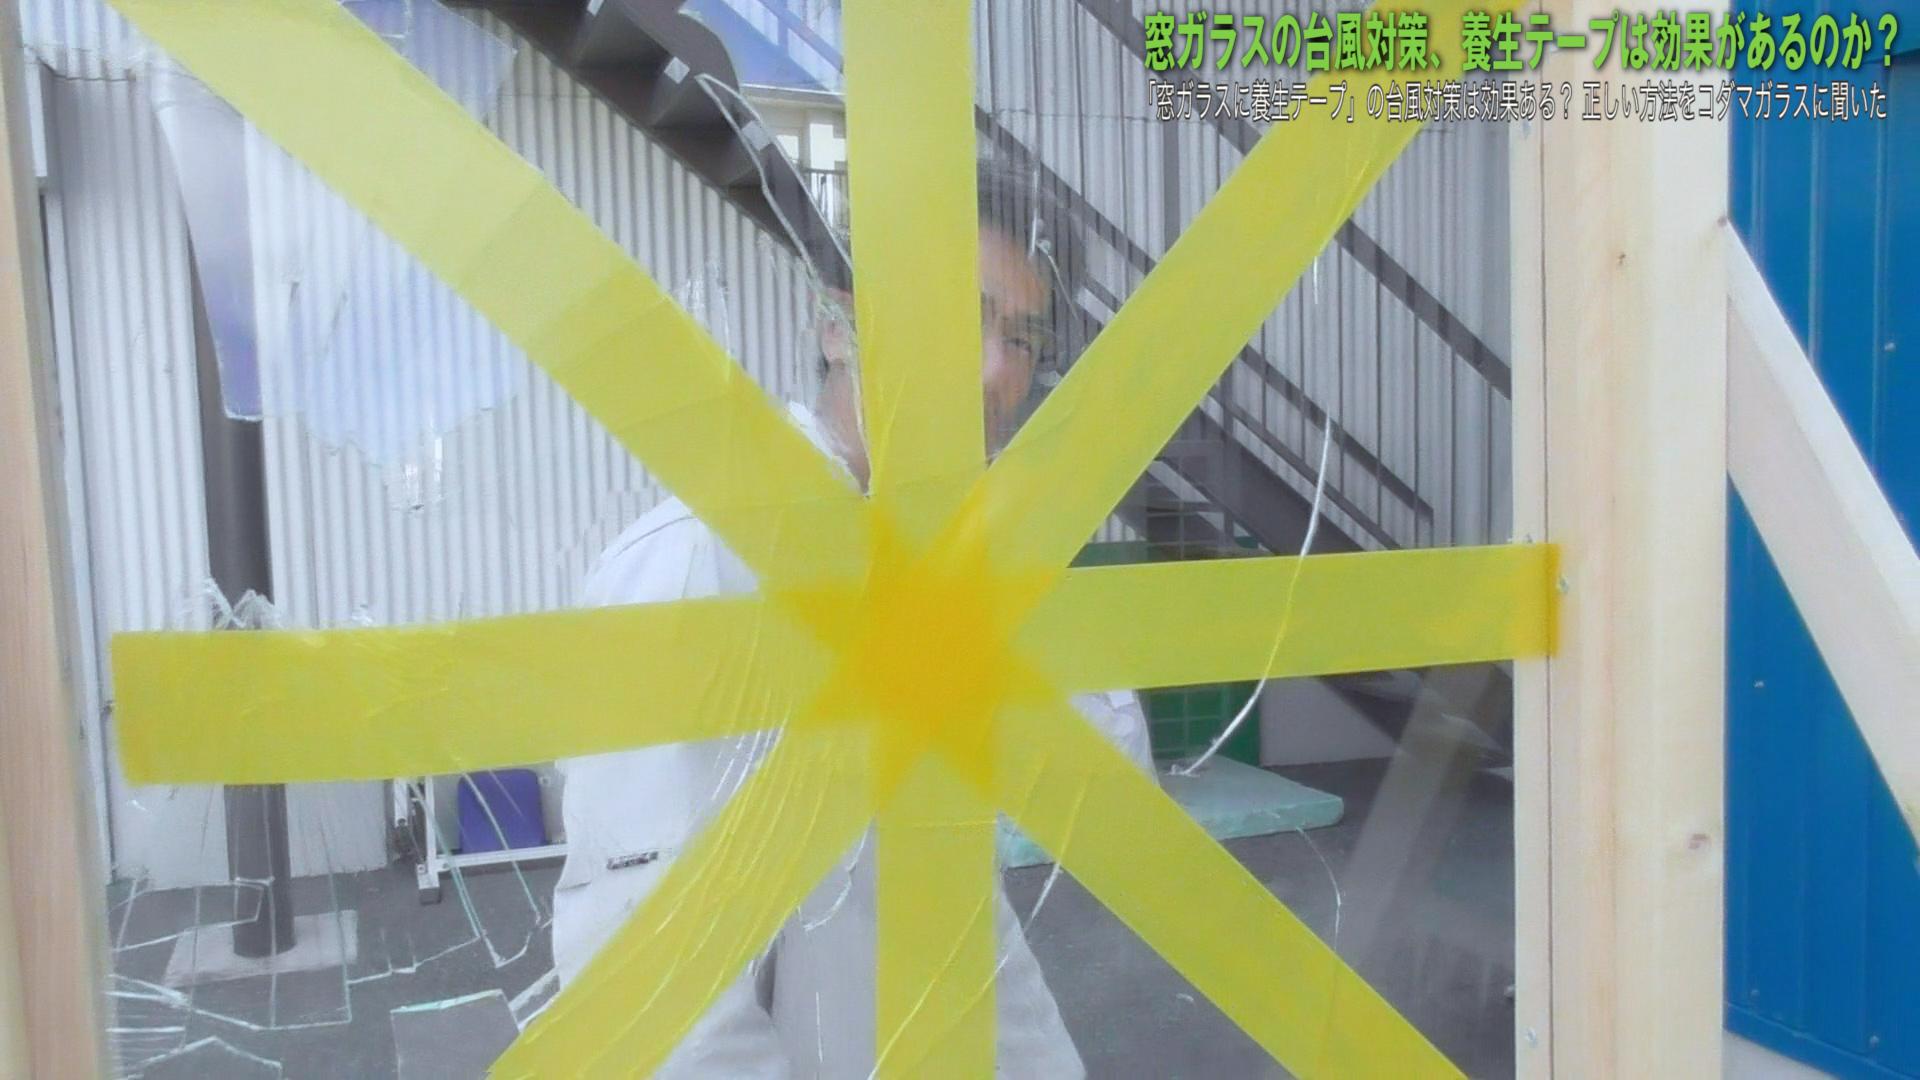 方 貼り テープ の ガラス 窓 養生